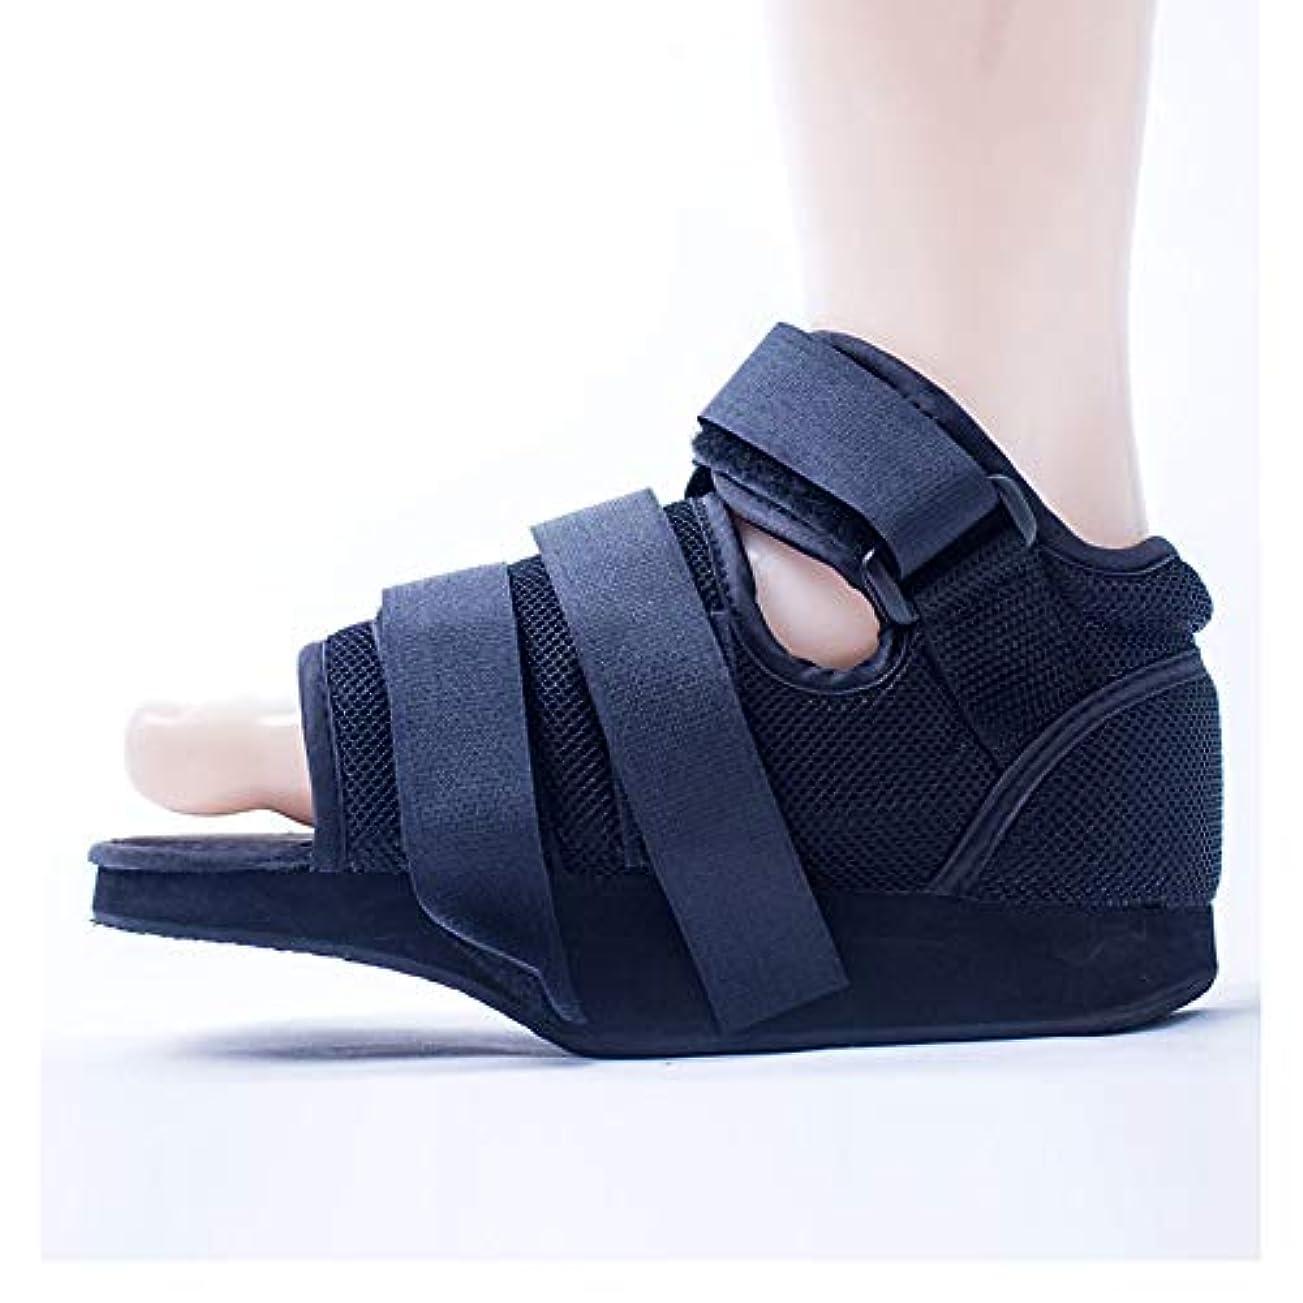 借りている海外でバスト壊れたつま先/足の骨折のための術後スクエアトゥウォーキングシューズ - ボトムキャストシューズ術後の靴 - 調節可能な医療ウォーキングブーツ (Size : XS)